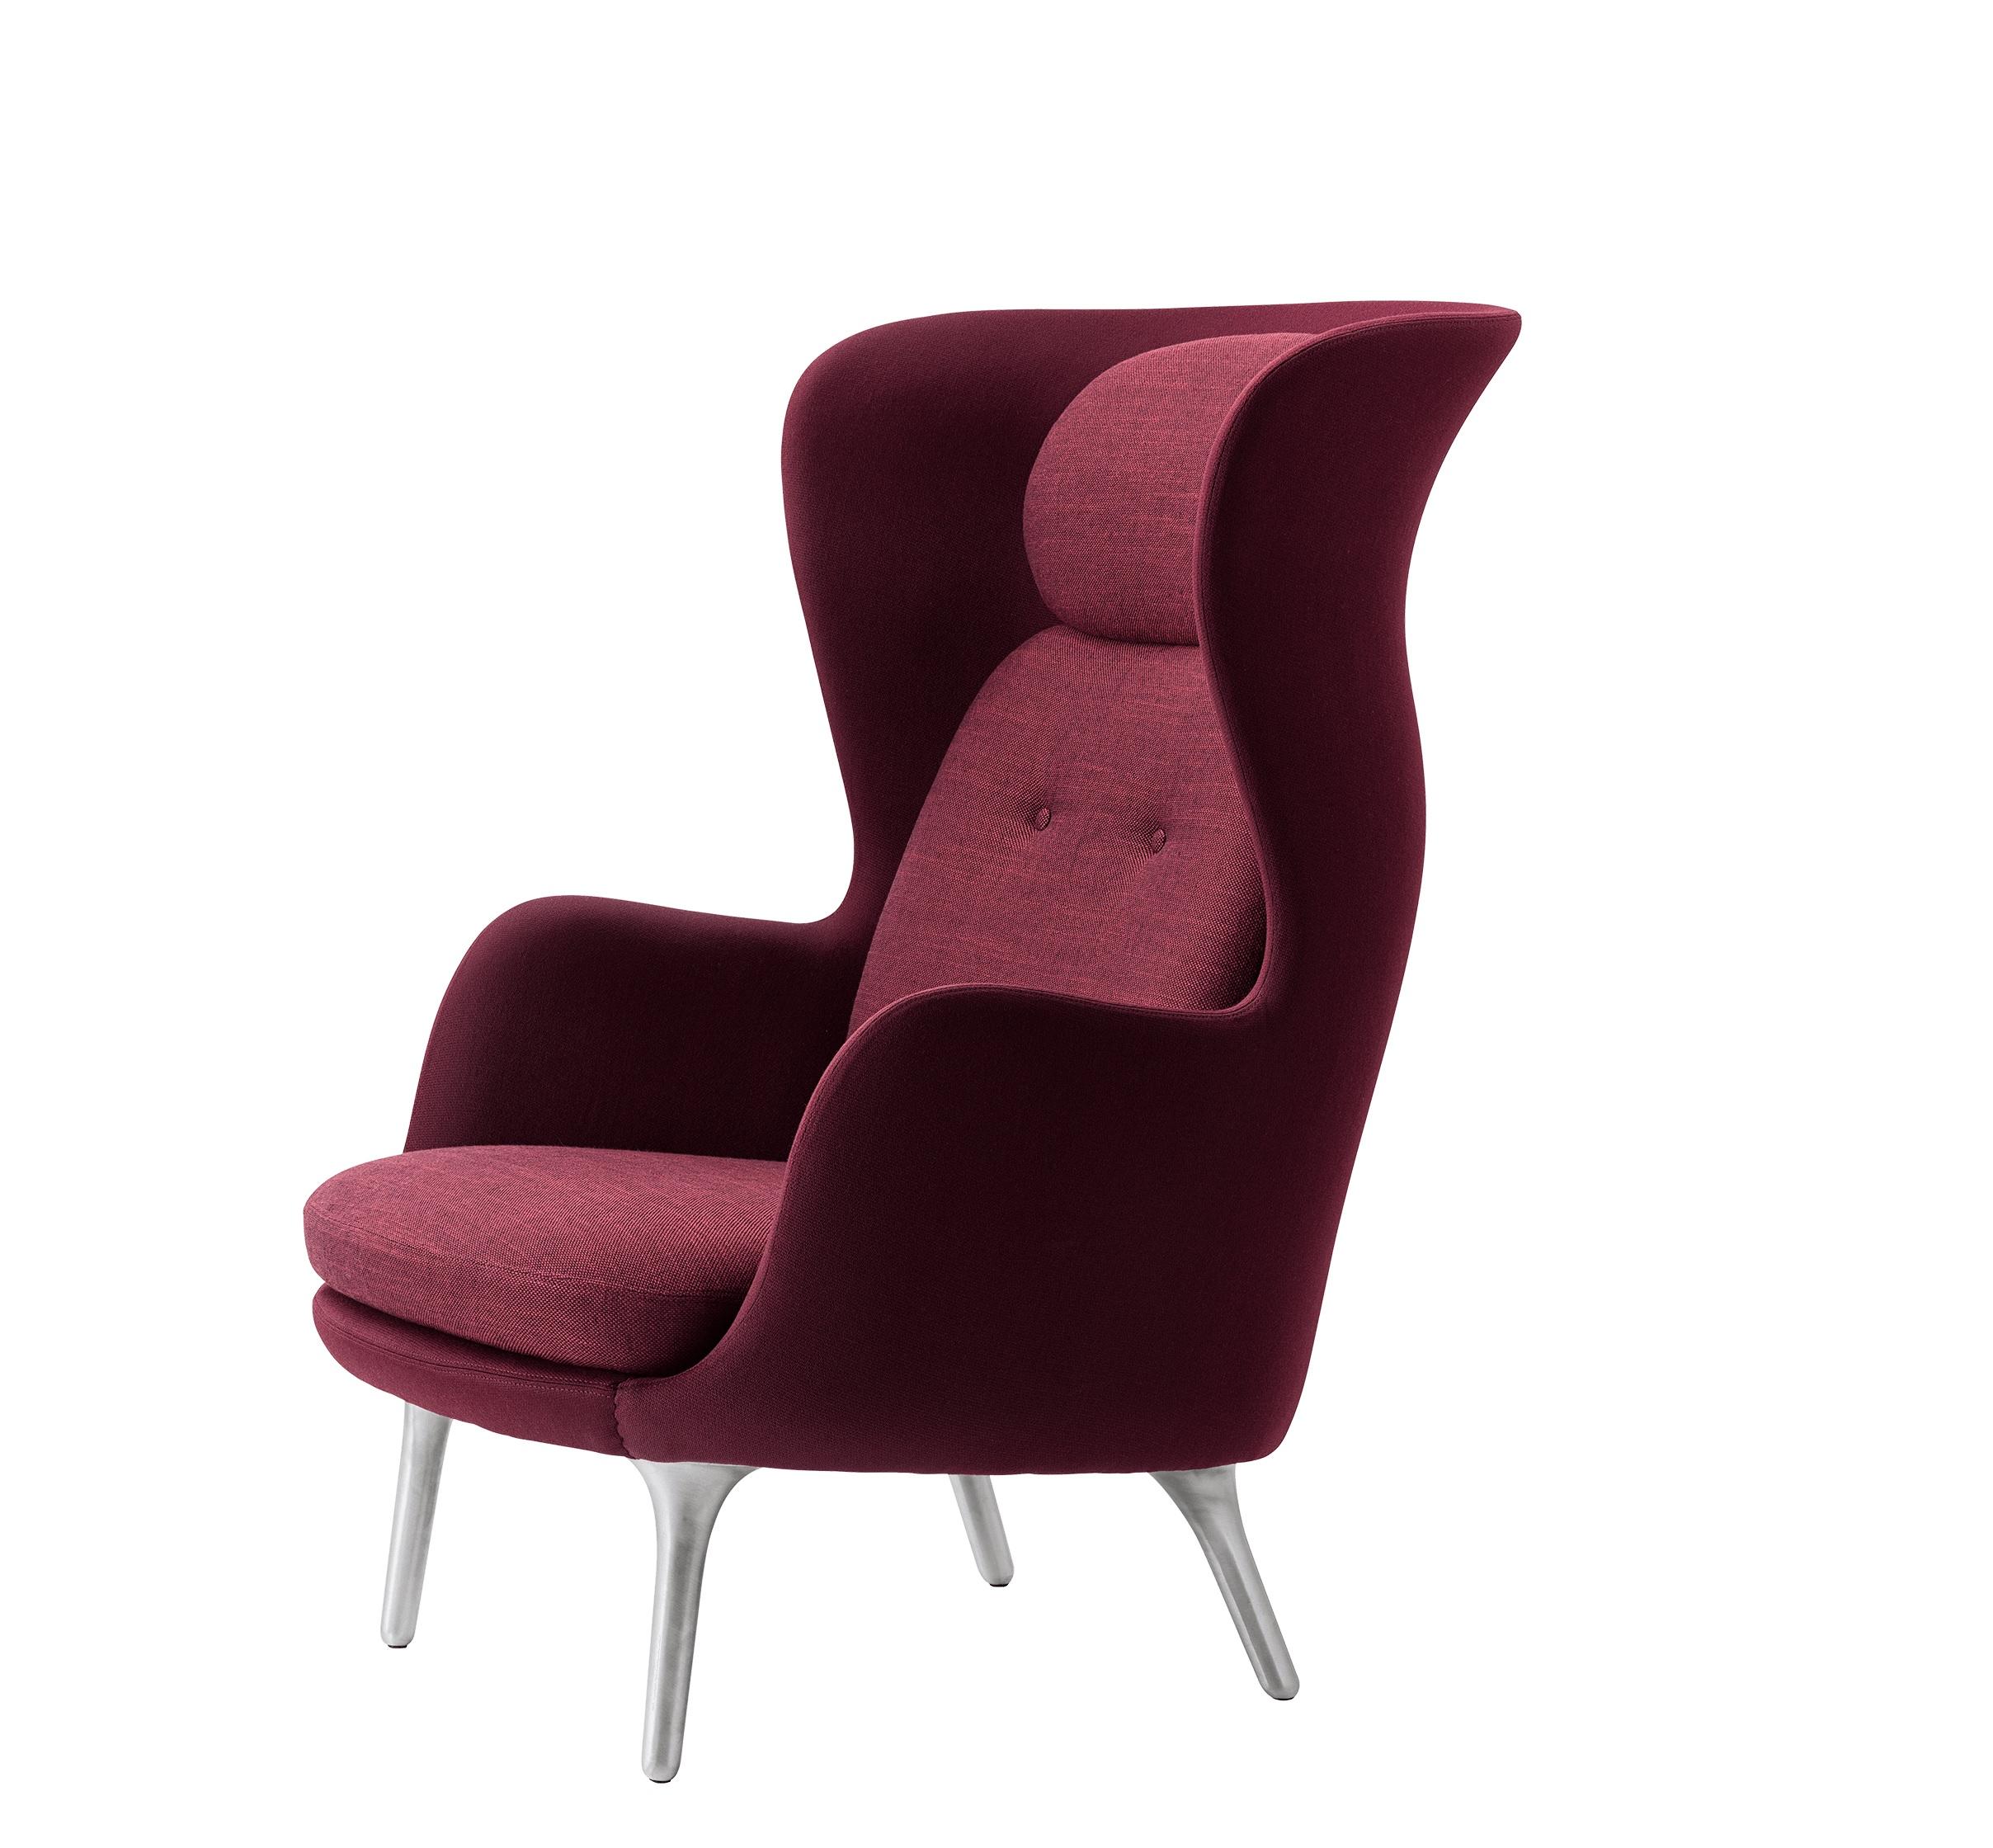 den ro sessel von fritz hansen bei designikonen kaufen designikonen designm bel shop. Black Bedroom Furniture Sets. Home Design Ideas